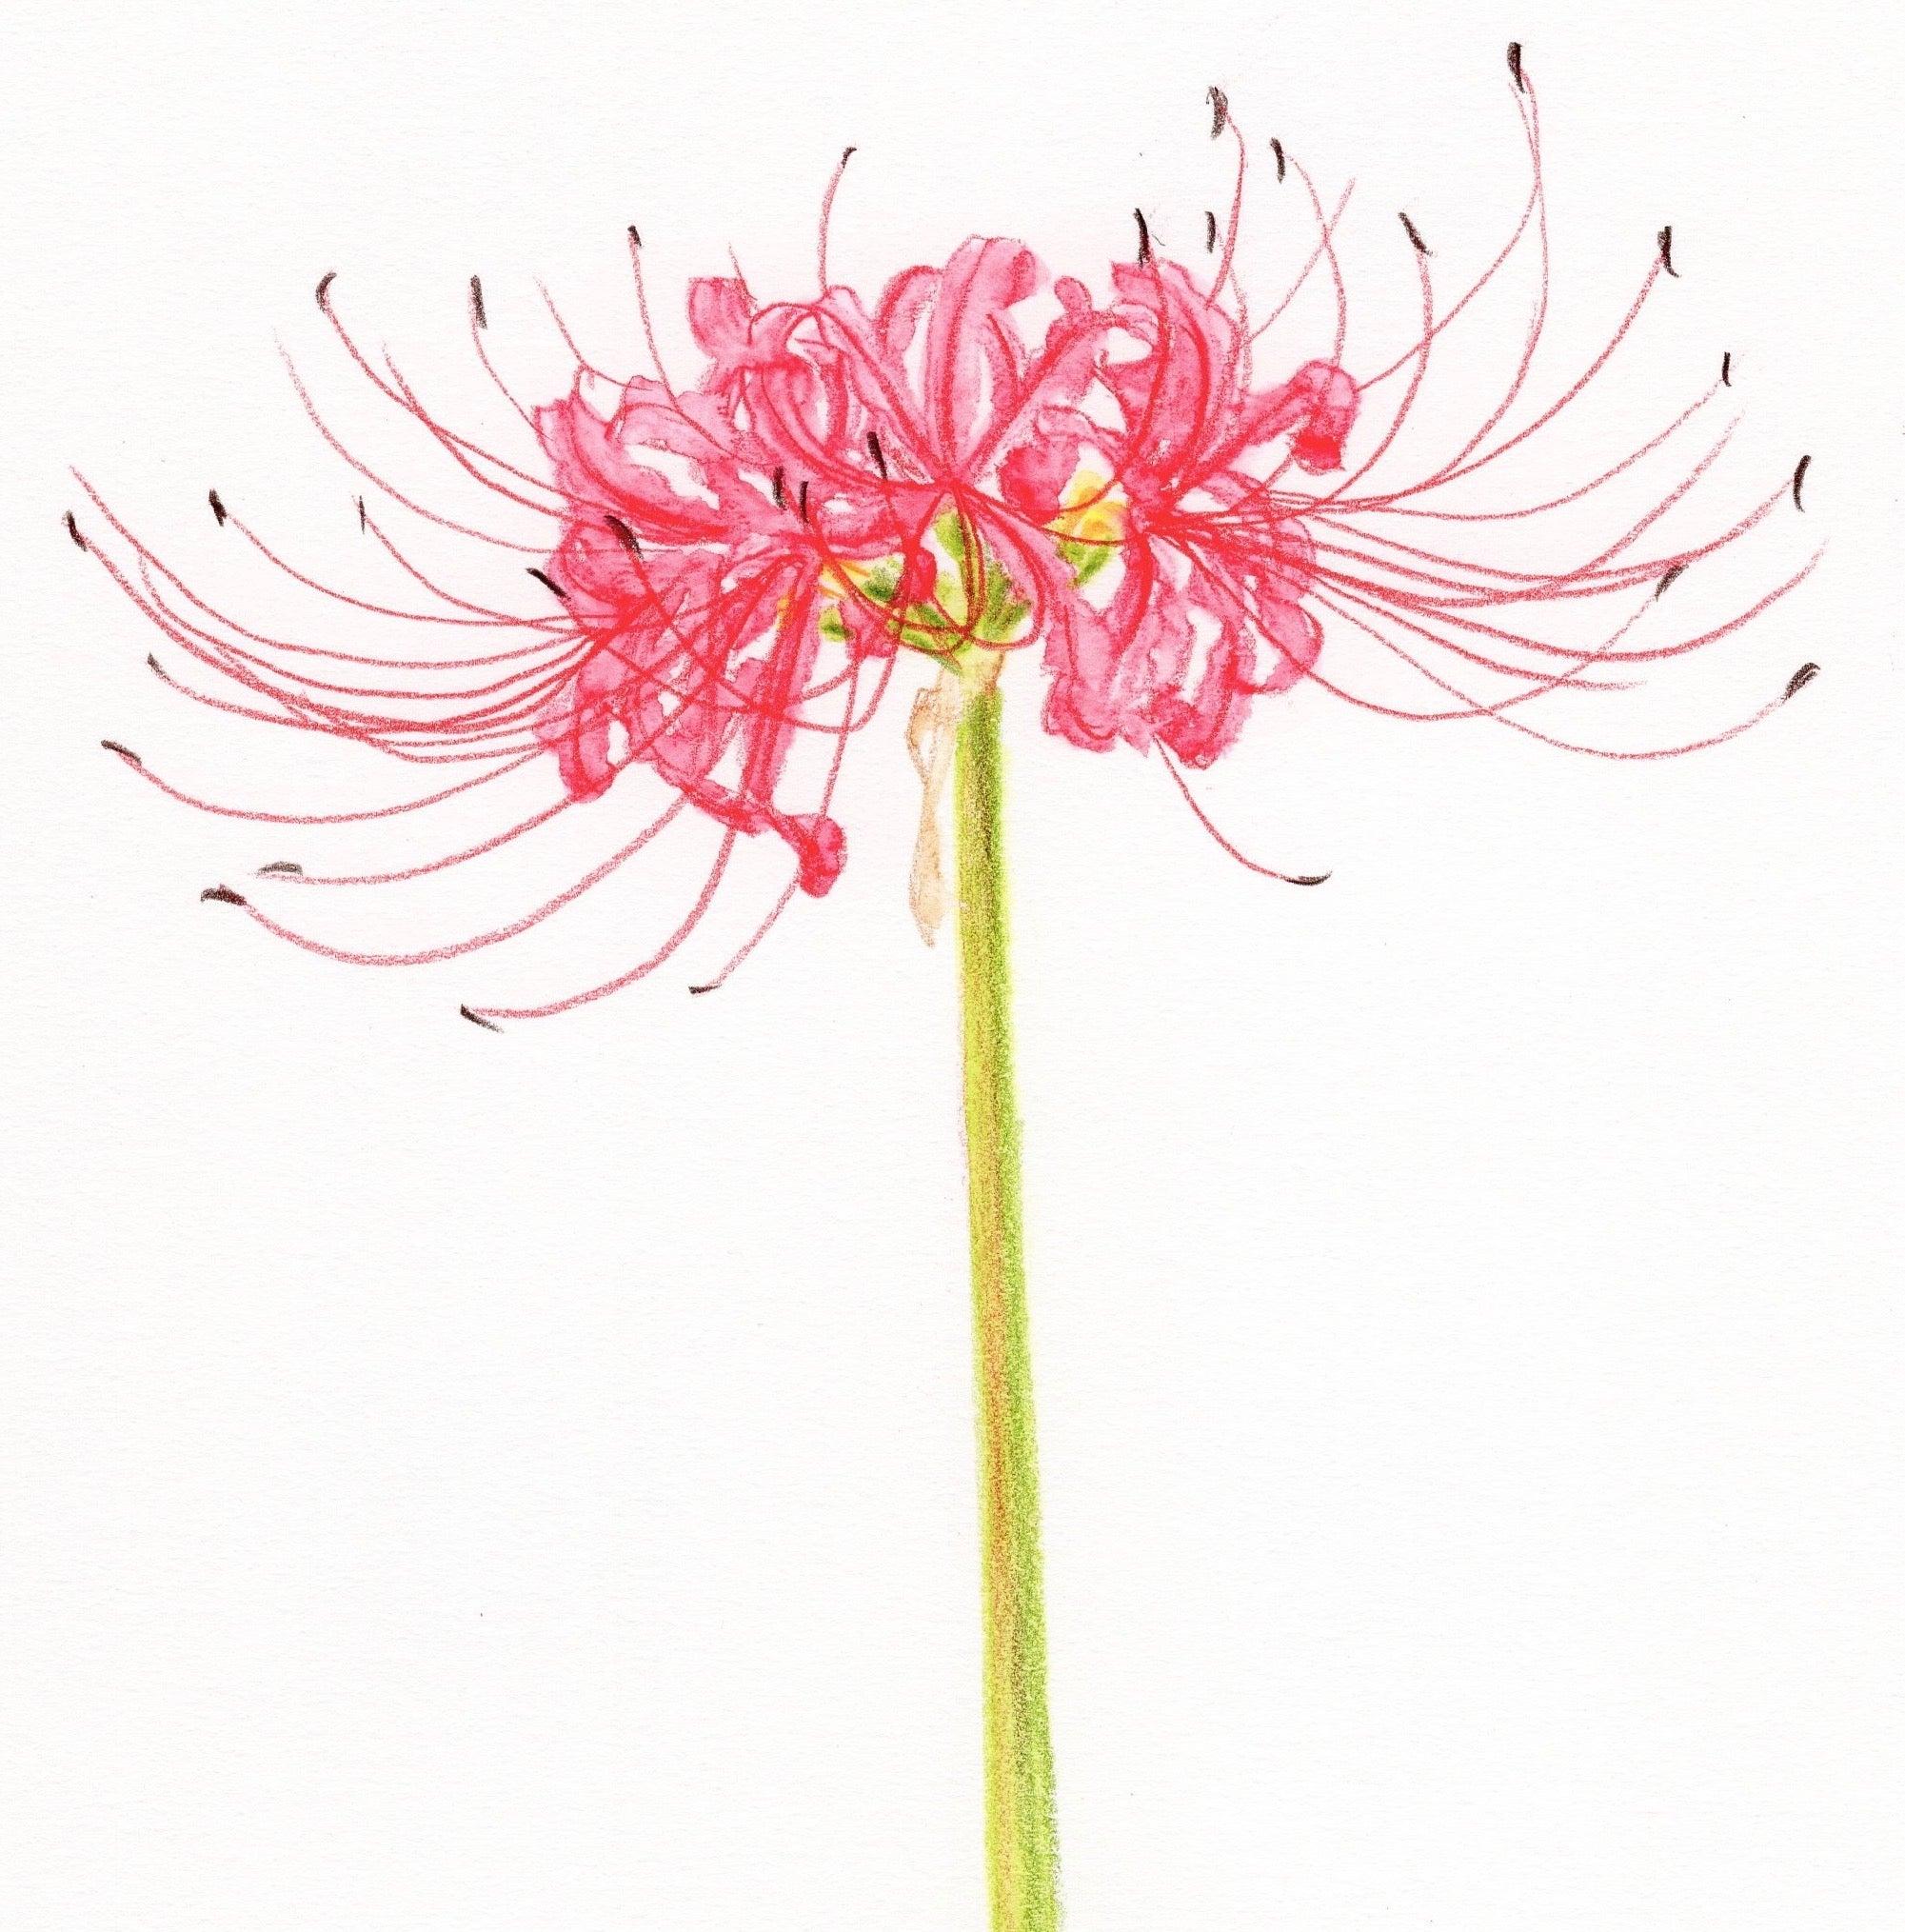 ヒガンバナ を水彩色鉛筆で一発描きスケッチ 色鉛筆で描く はじめての植物画